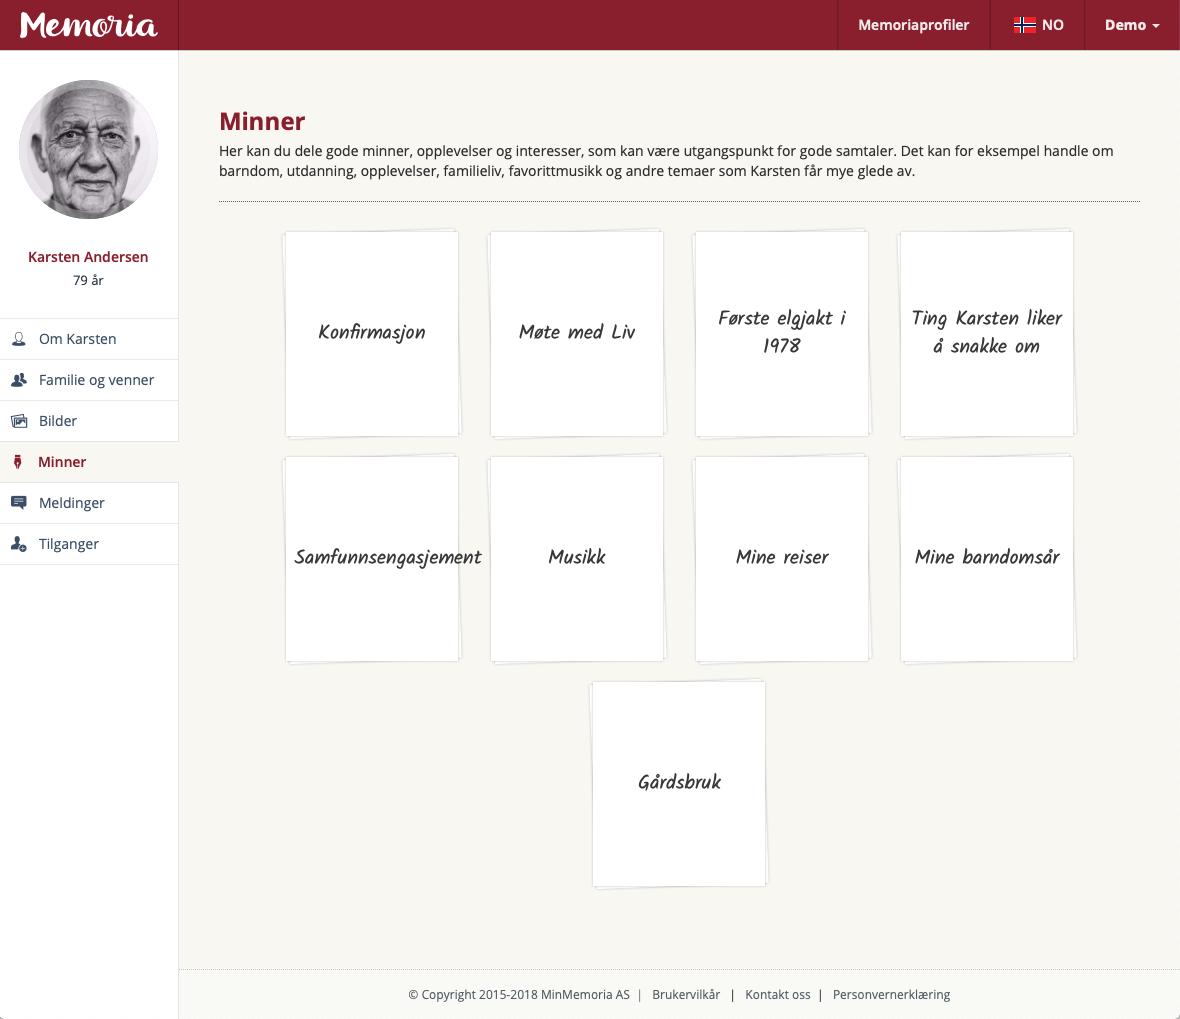 Skjermbilde av Memoria web app